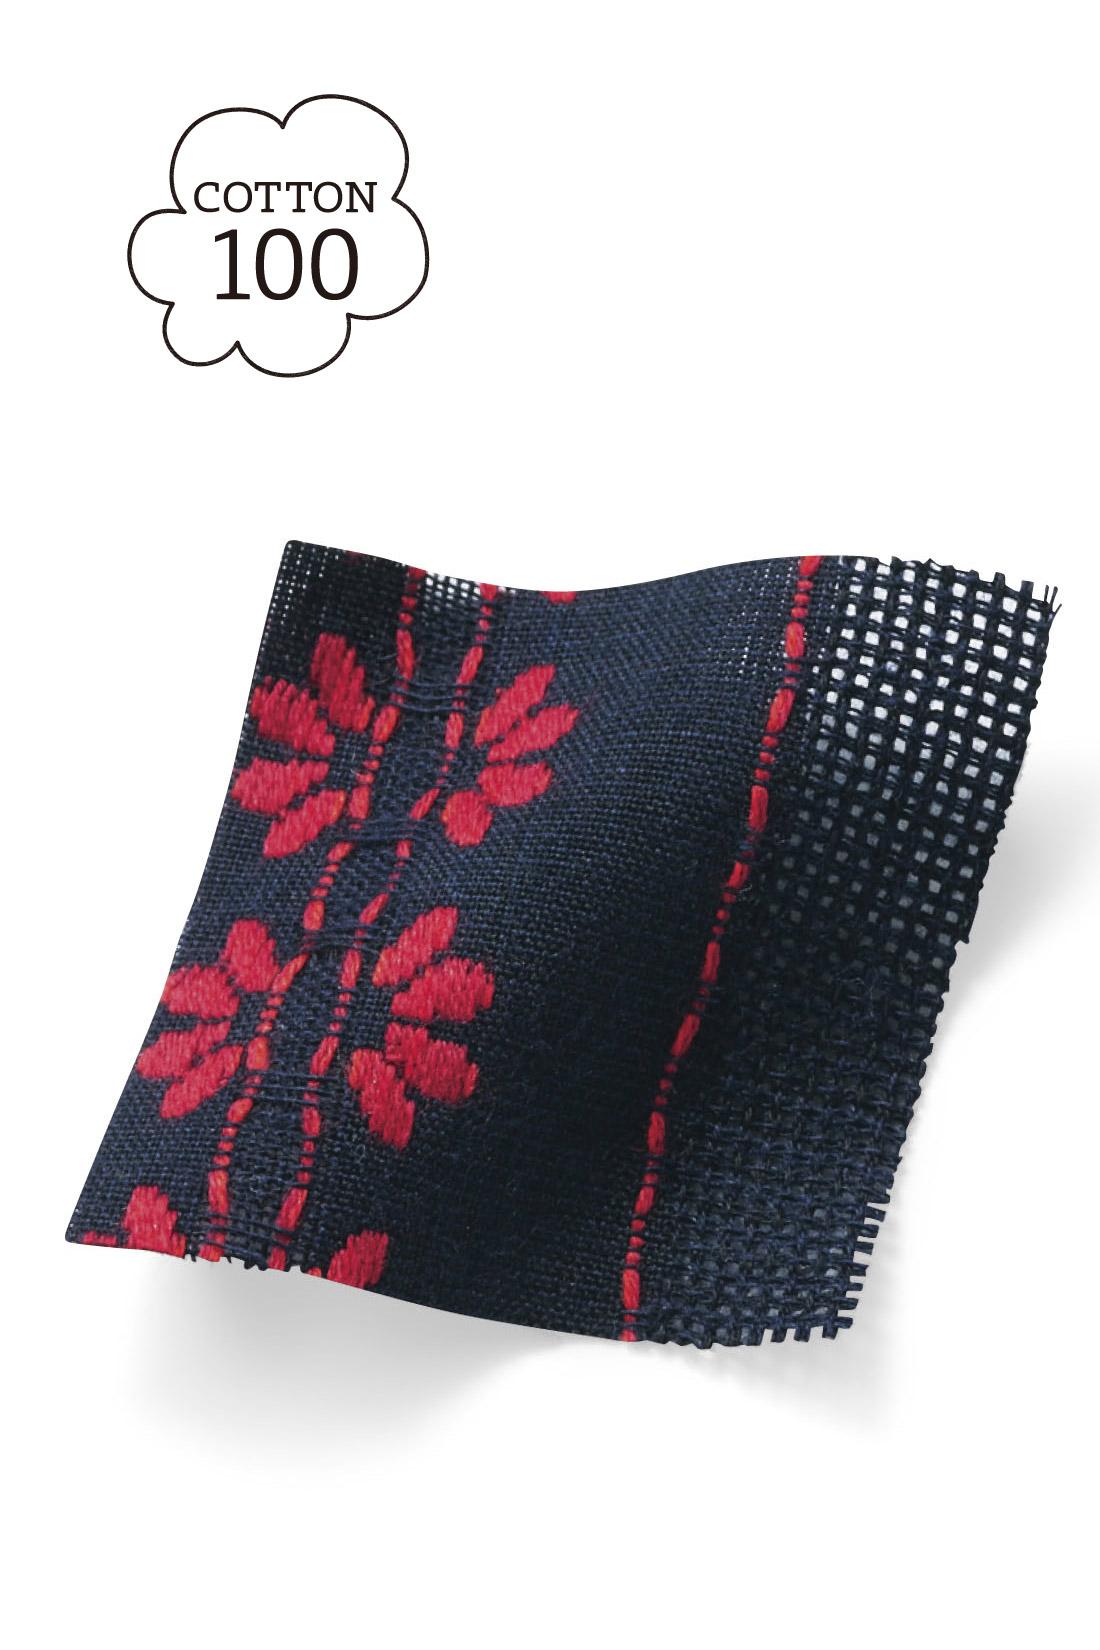 刺繍のようなジャカード織の花柄が大人な雰囲気。コットン100%だから着心地も◎